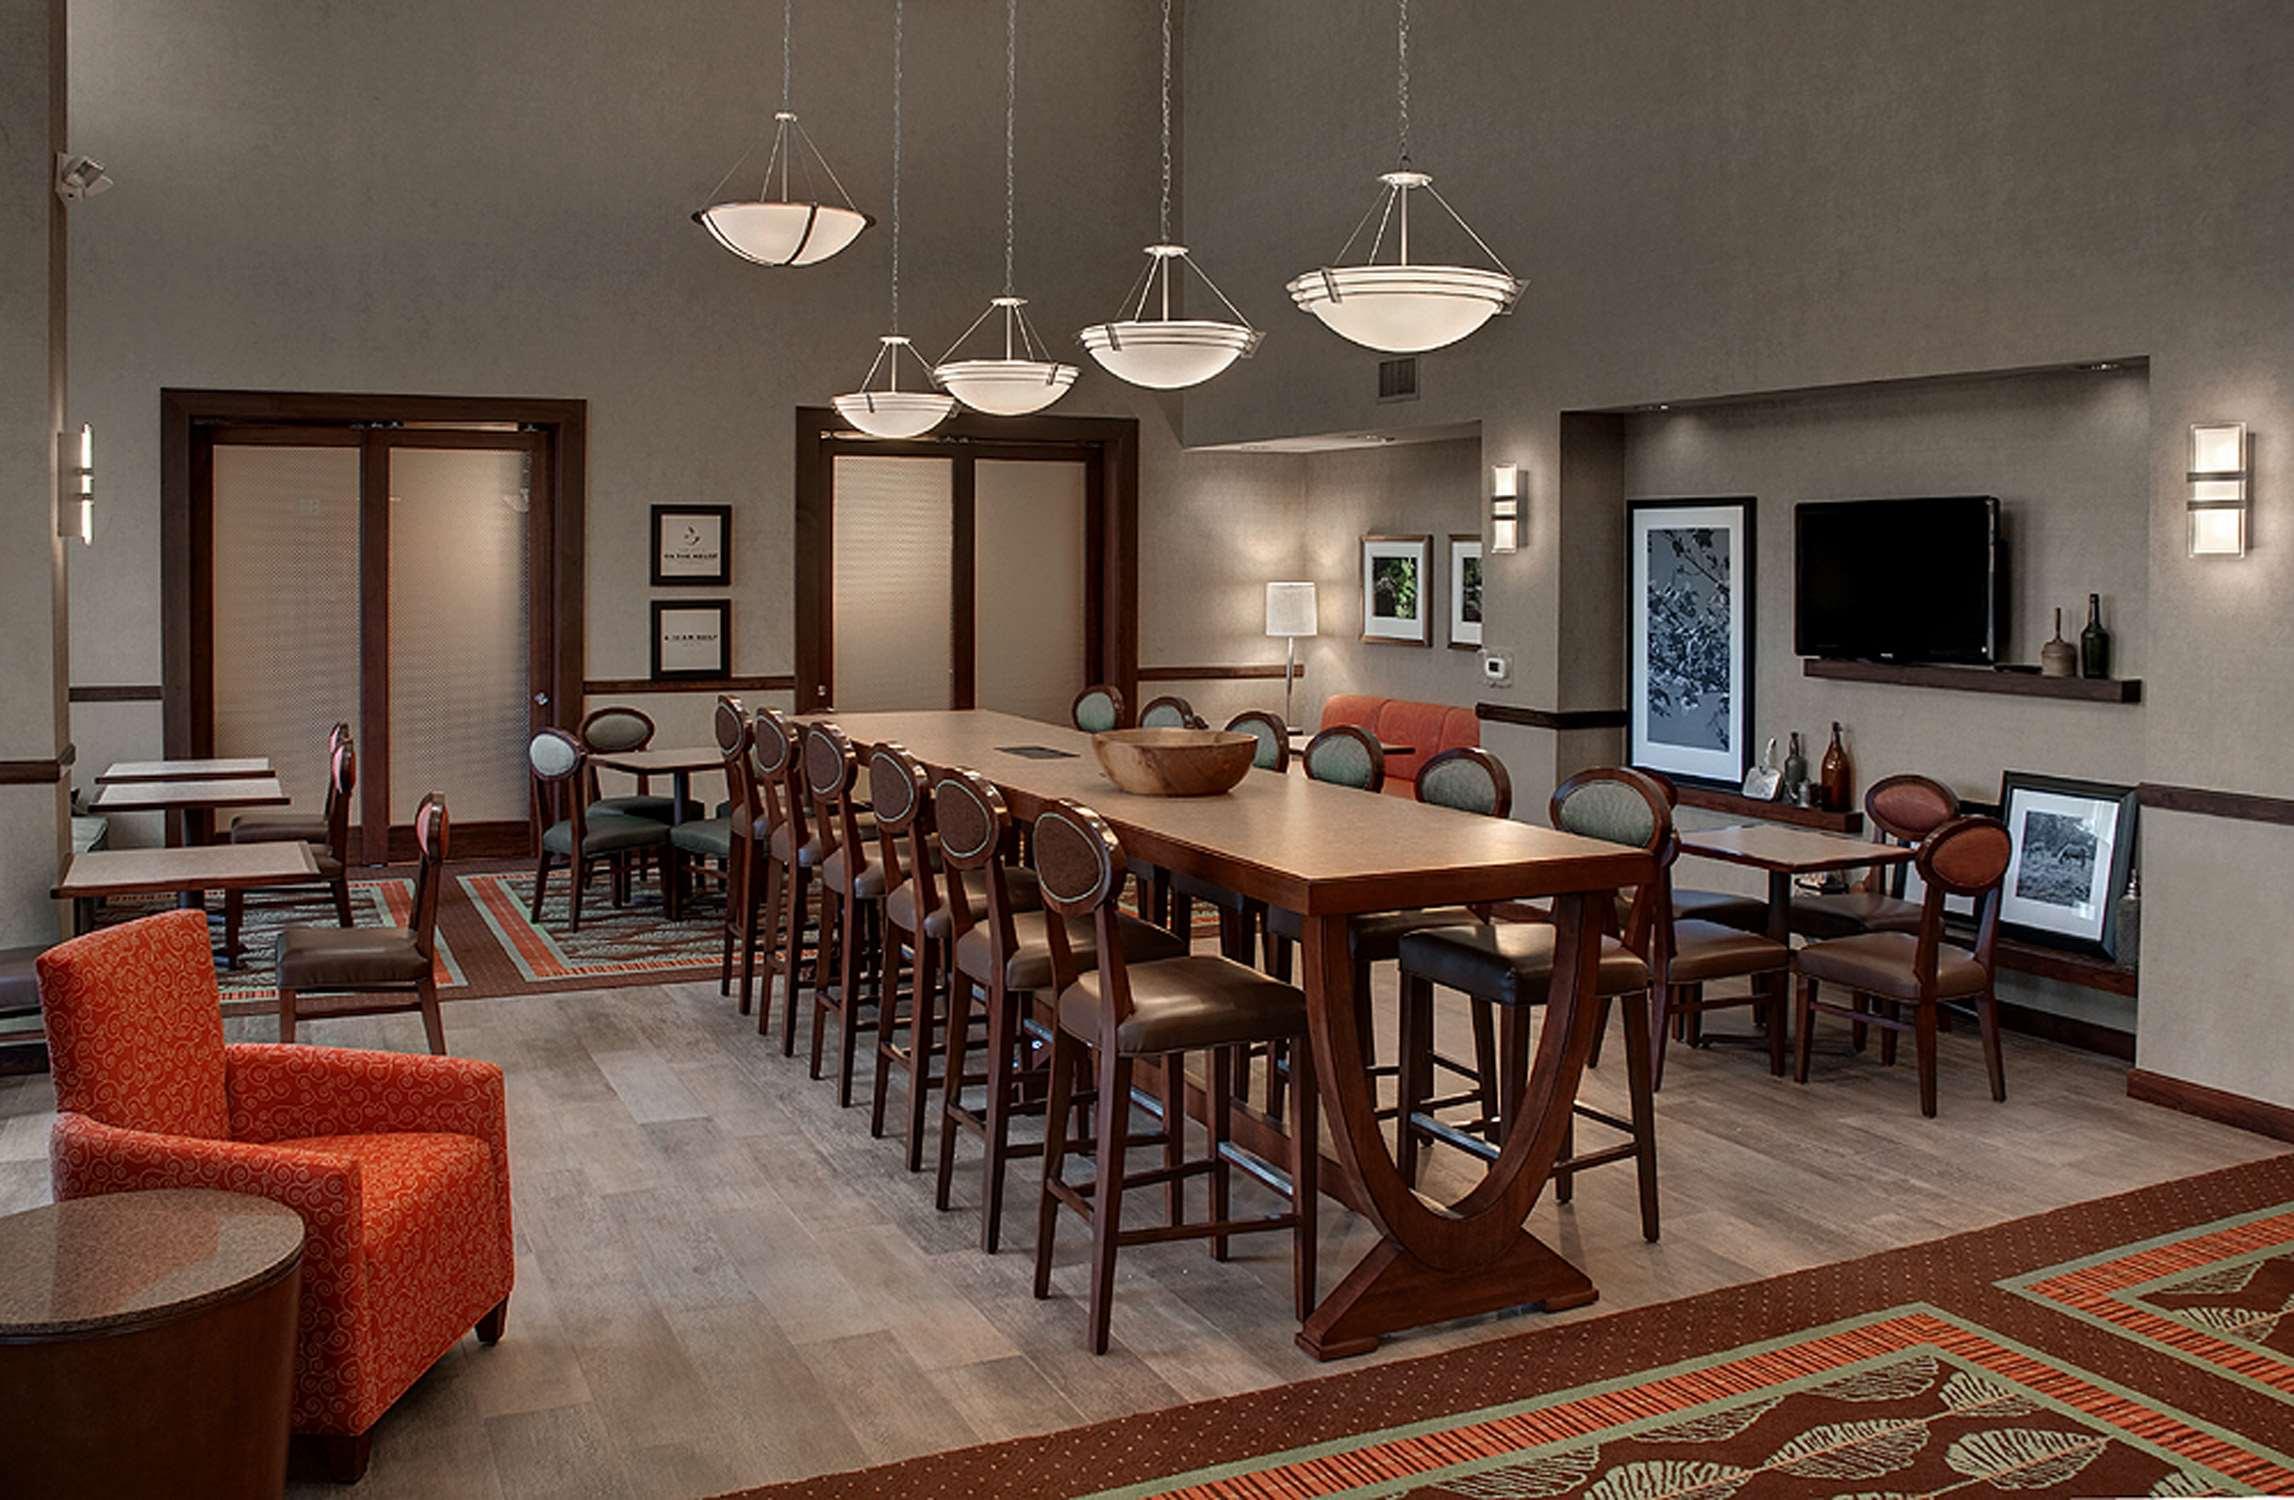 Hampton Inn & Suites Salem image 1